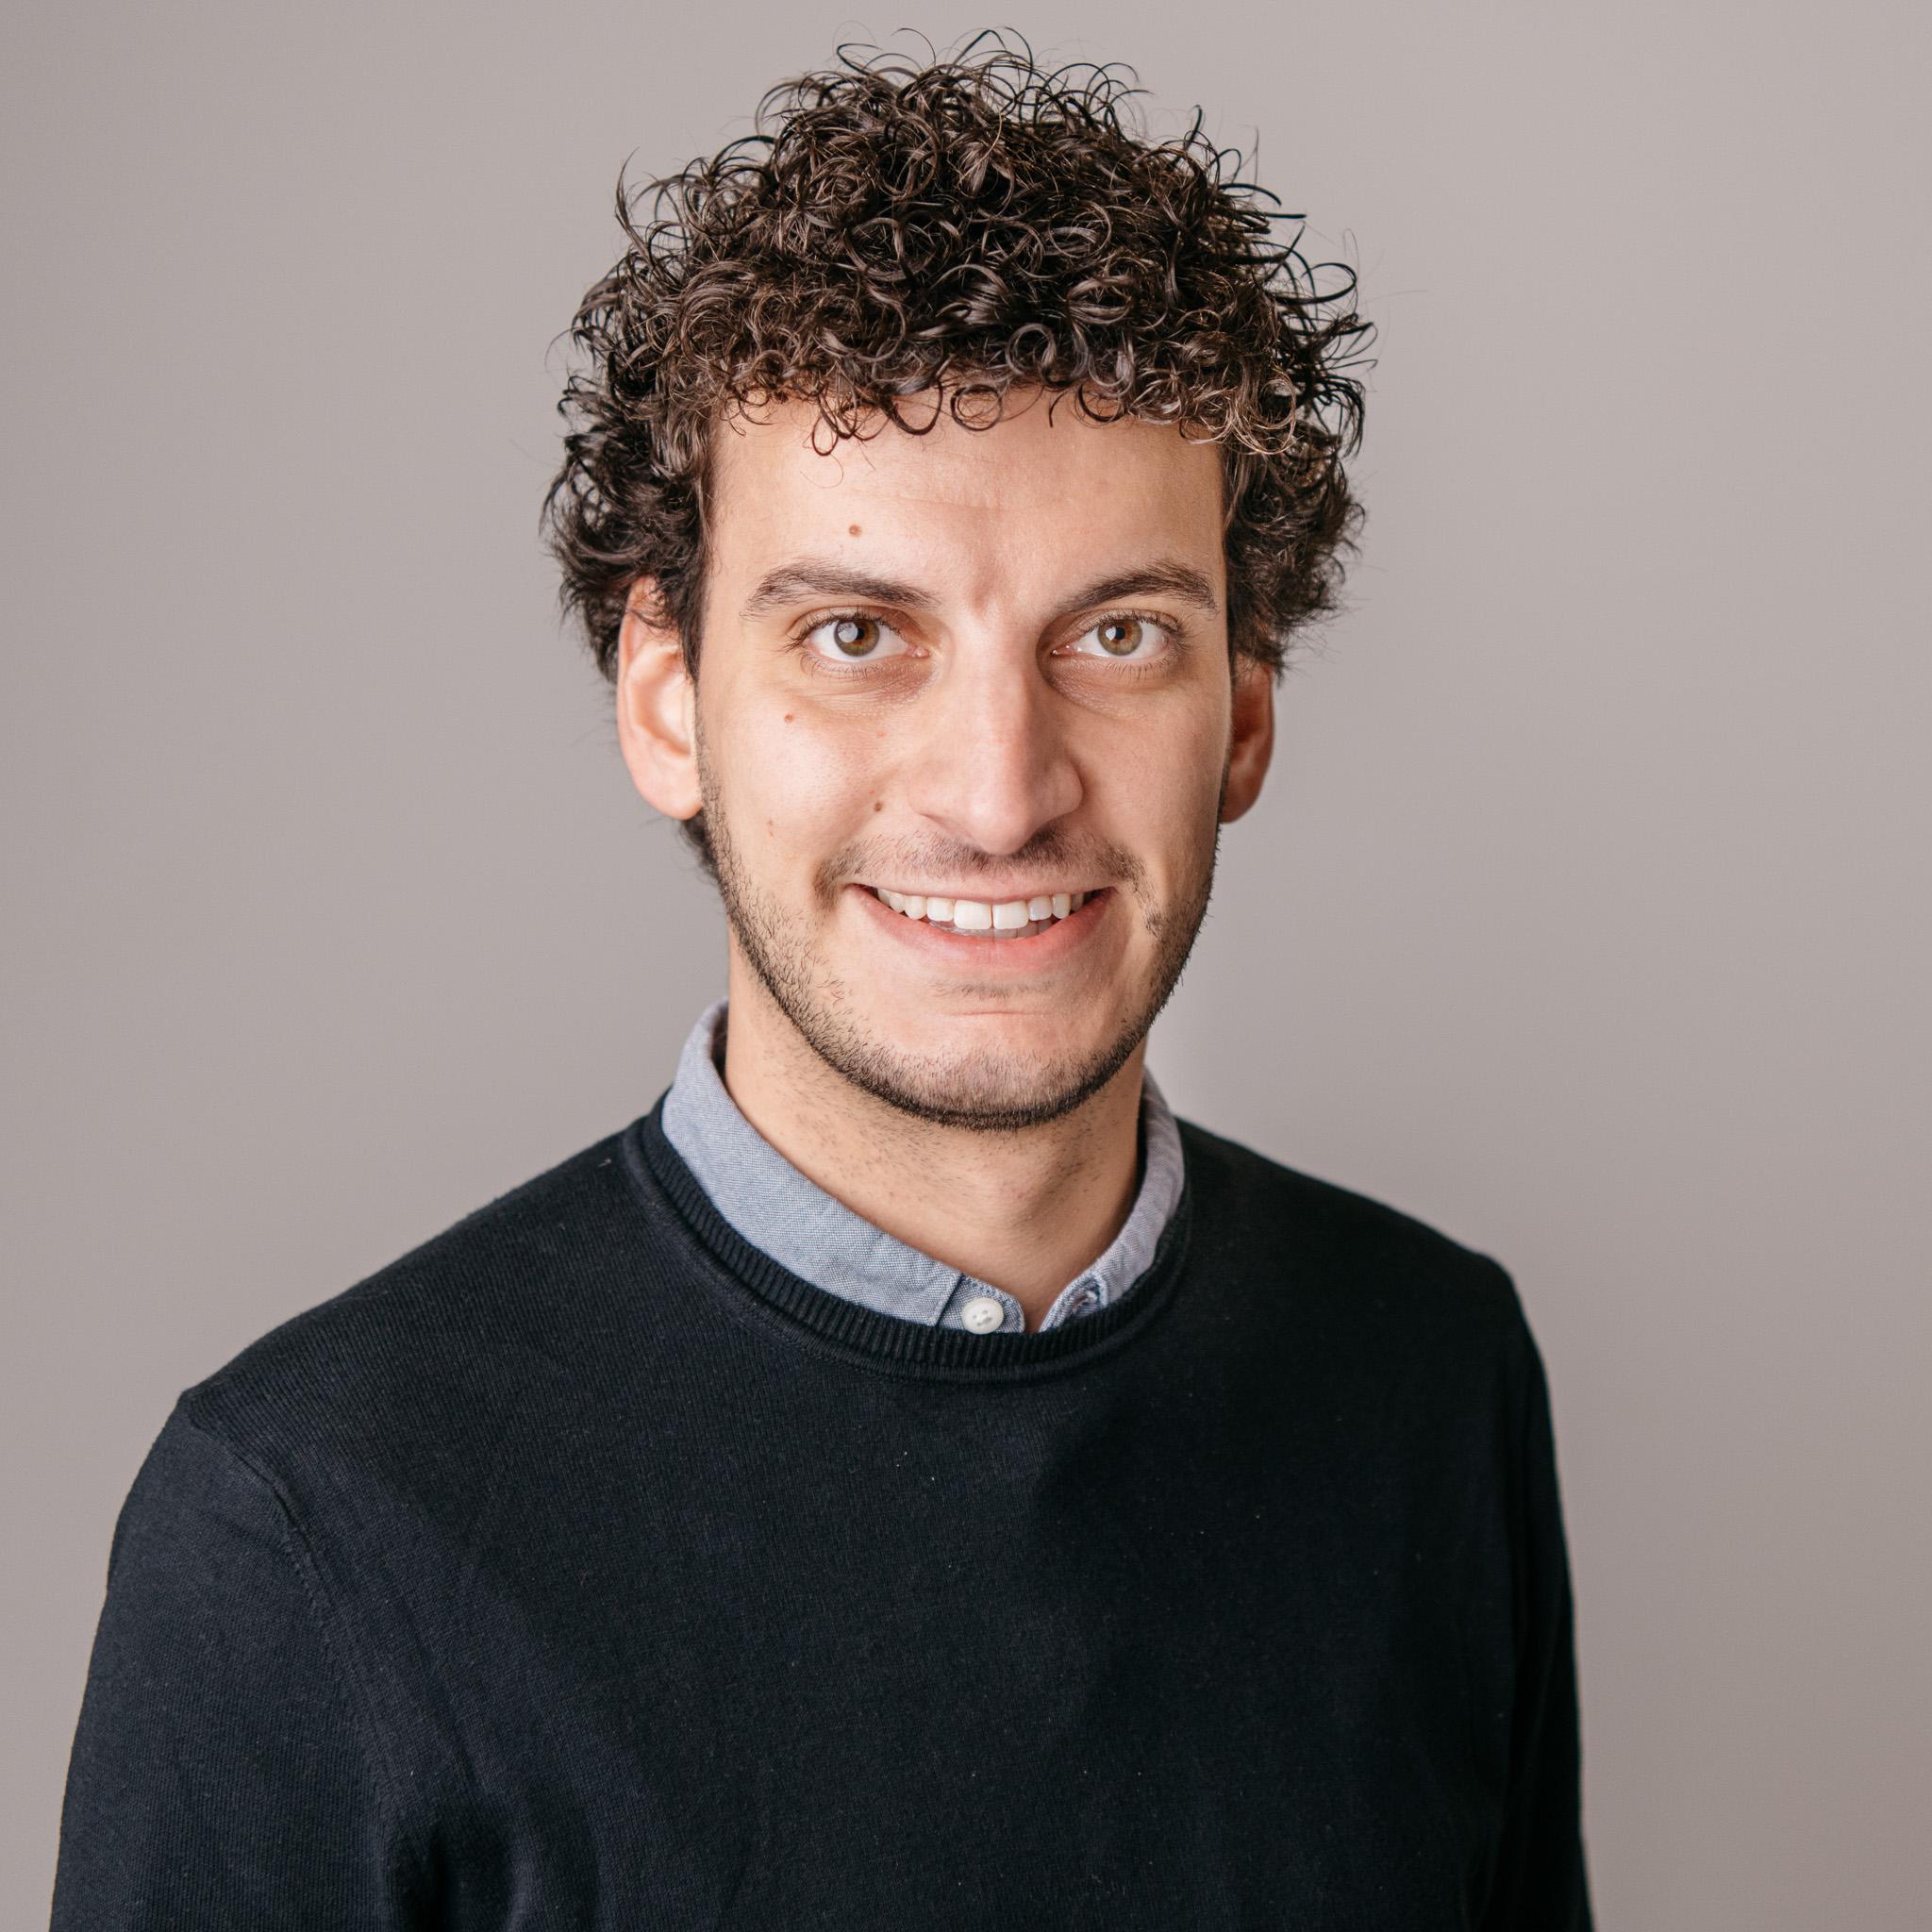 Maxime Gervasi